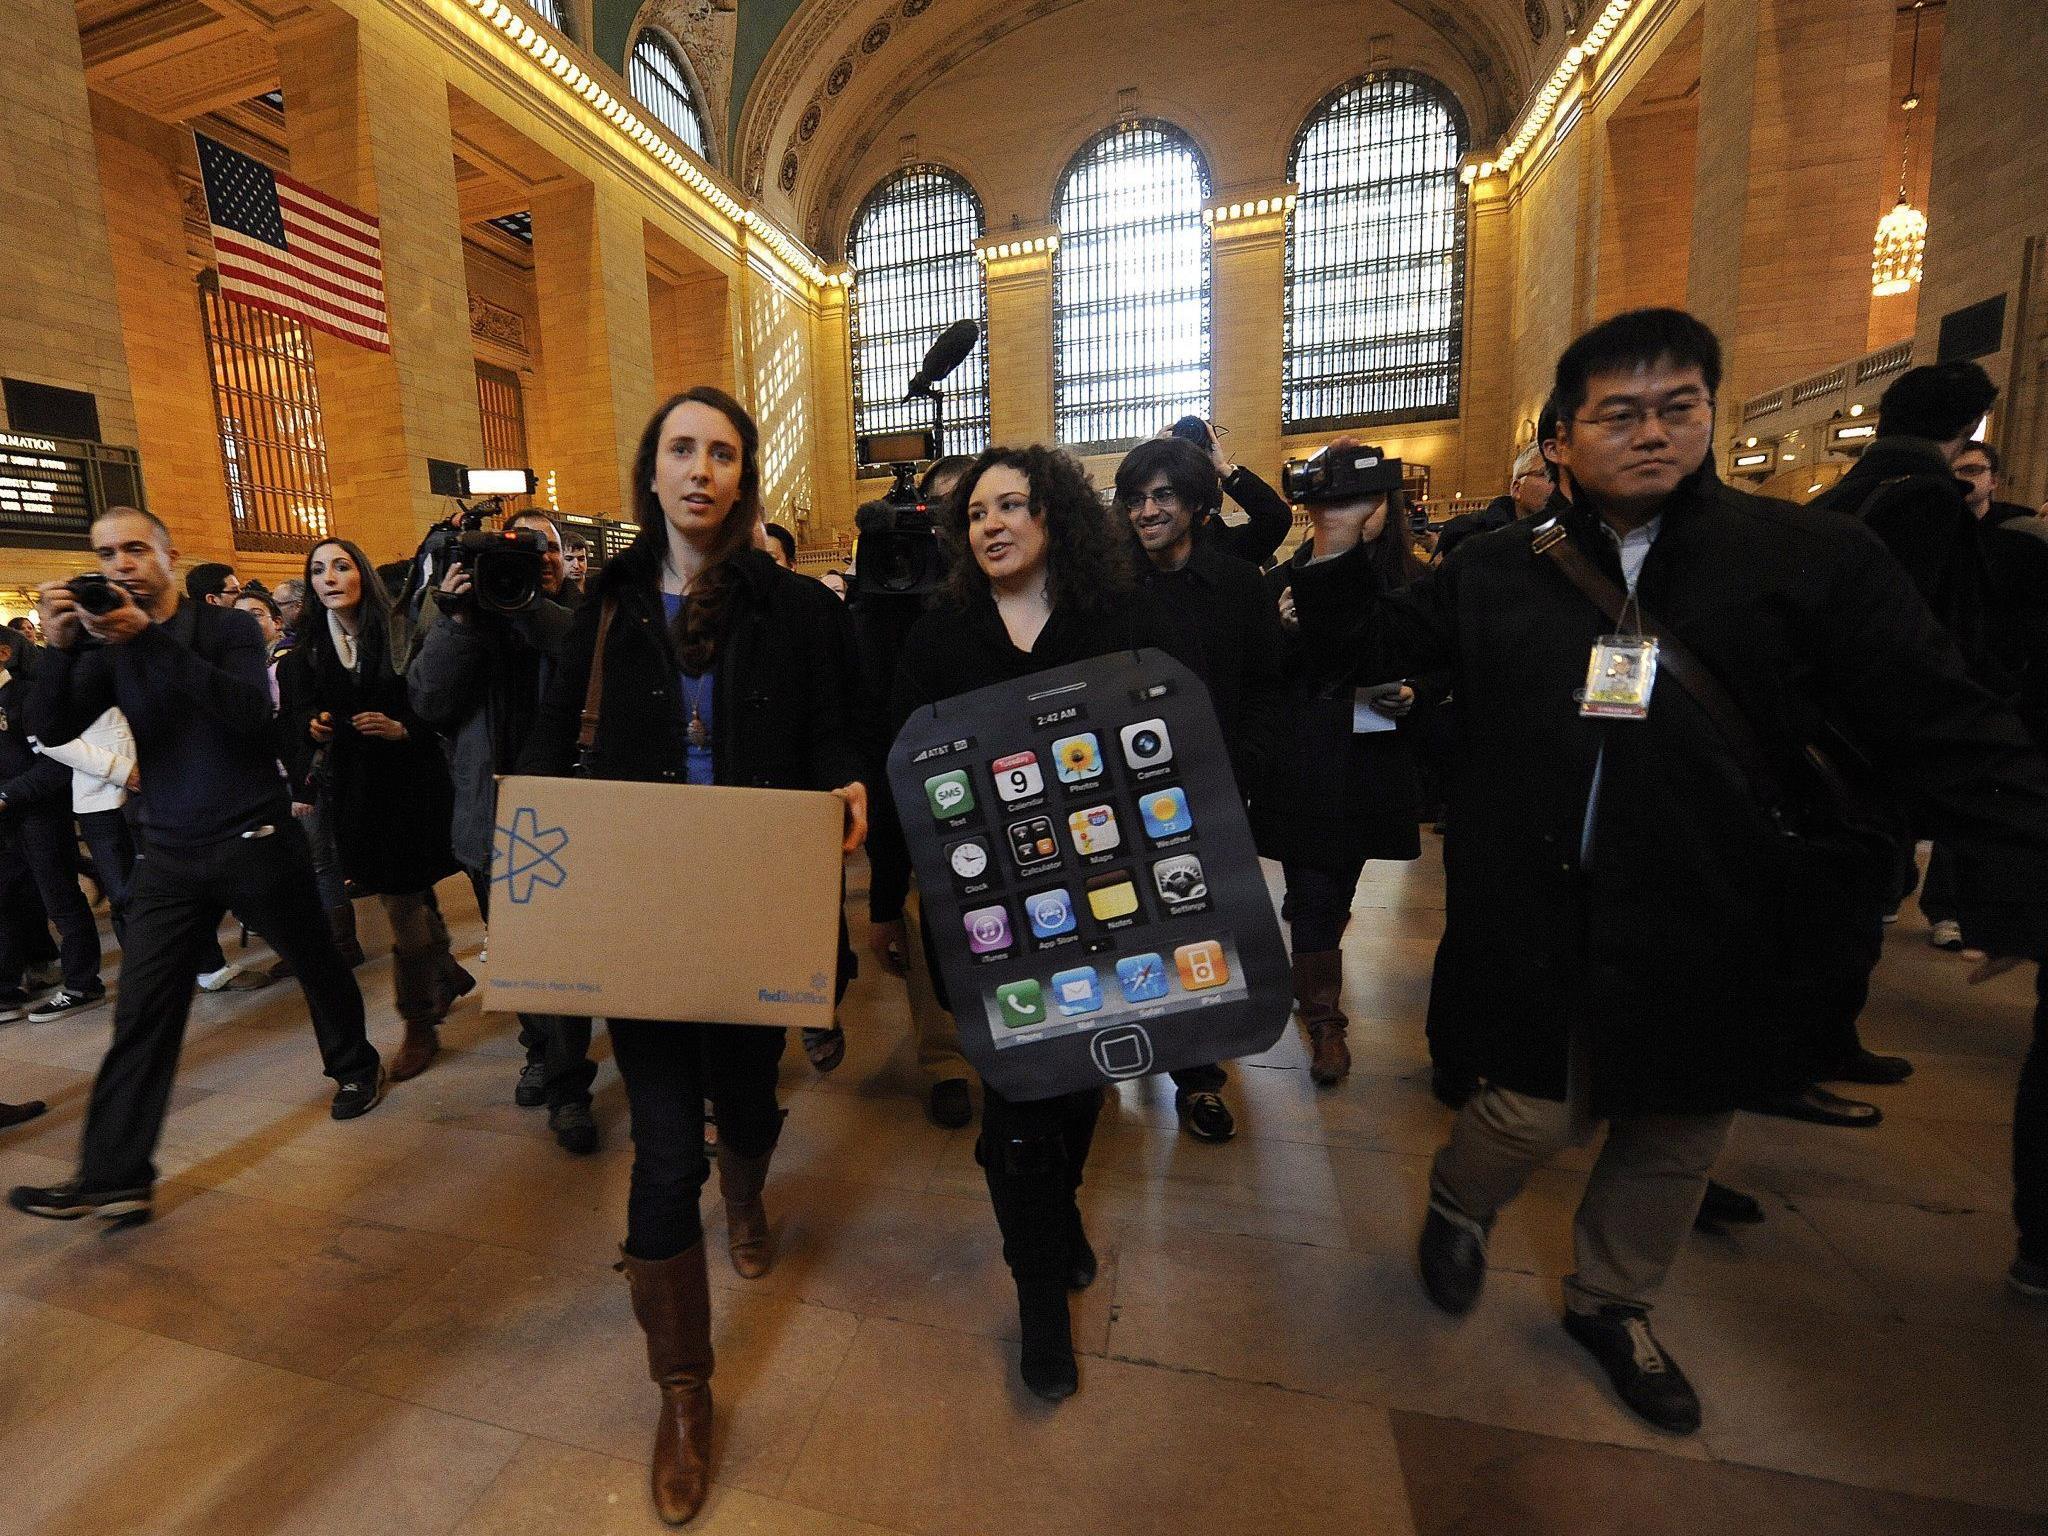 Proteste in New York gegen Arbeitsbedingungen in China.